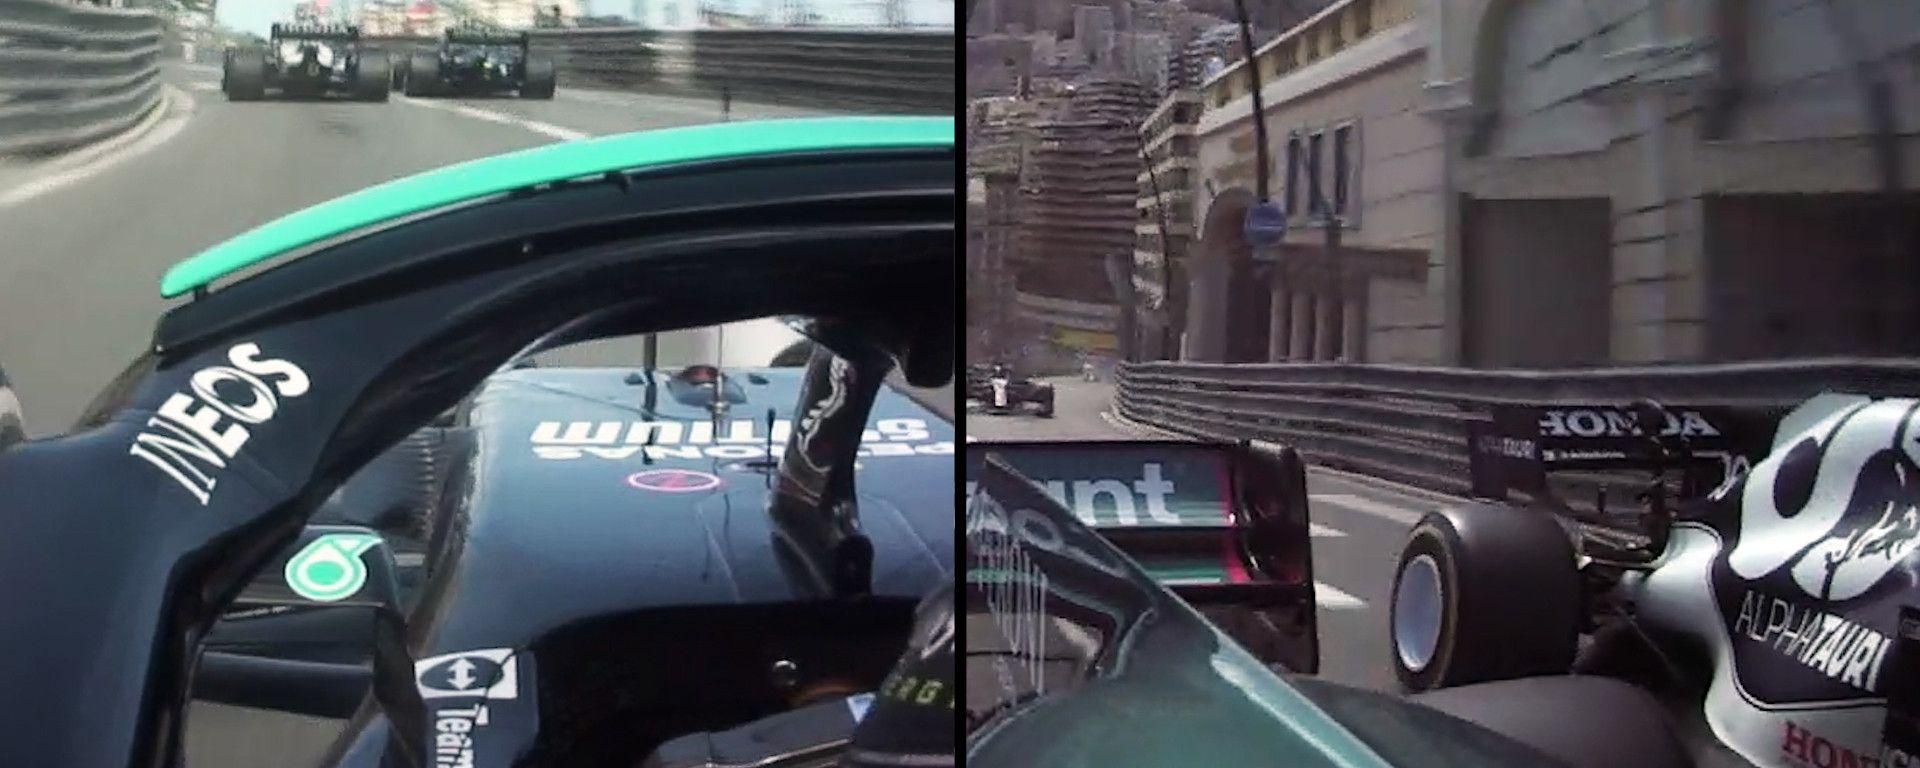 F1 GP Monaco 2021, Monte Carlo: il sorpasso di Vettel (Aston Martin) a Gasly (AlphaTauri)